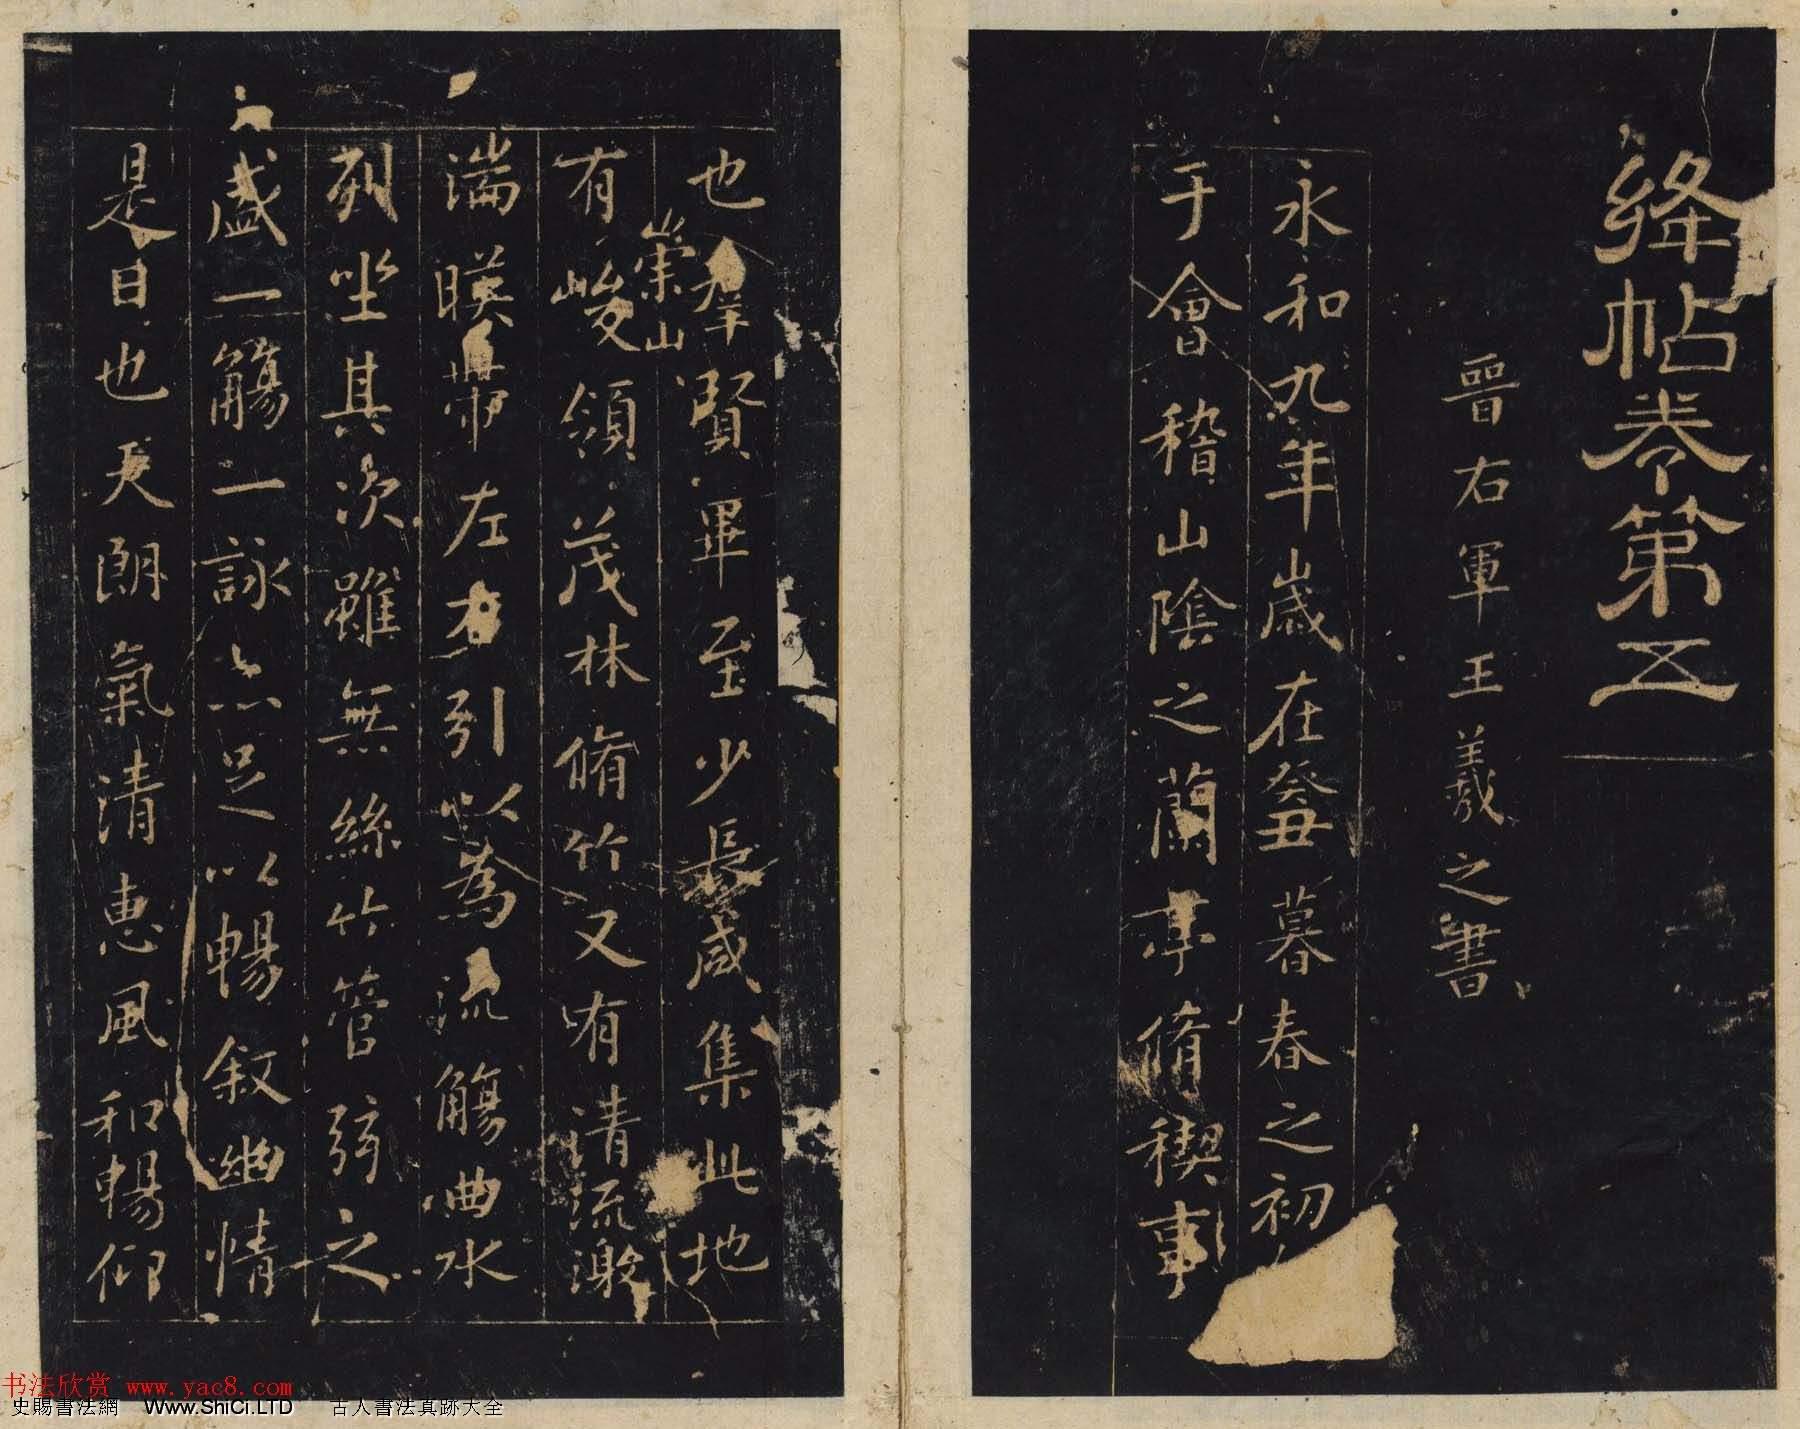 潘師旦編刻《絳帖》日本藏本五六卷合輯(共20張圖片)